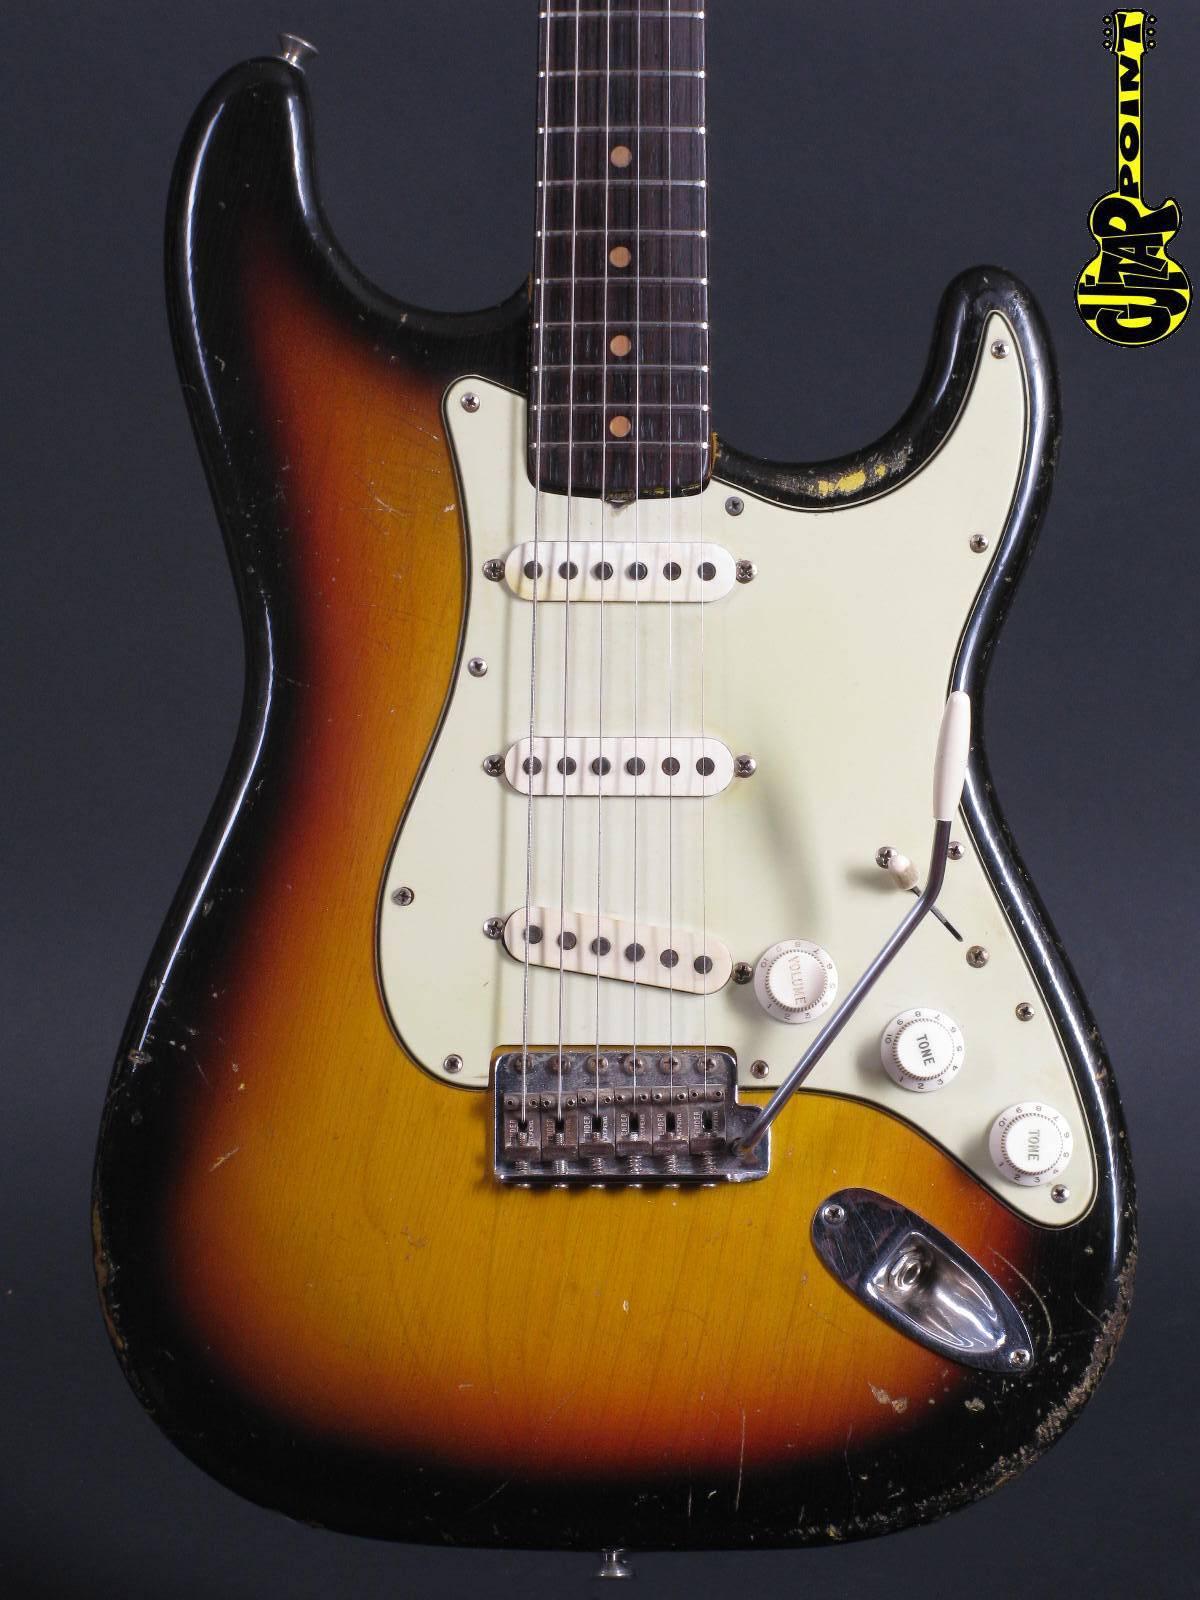 1963 Fender Stratocaster 3-tone Sunburst